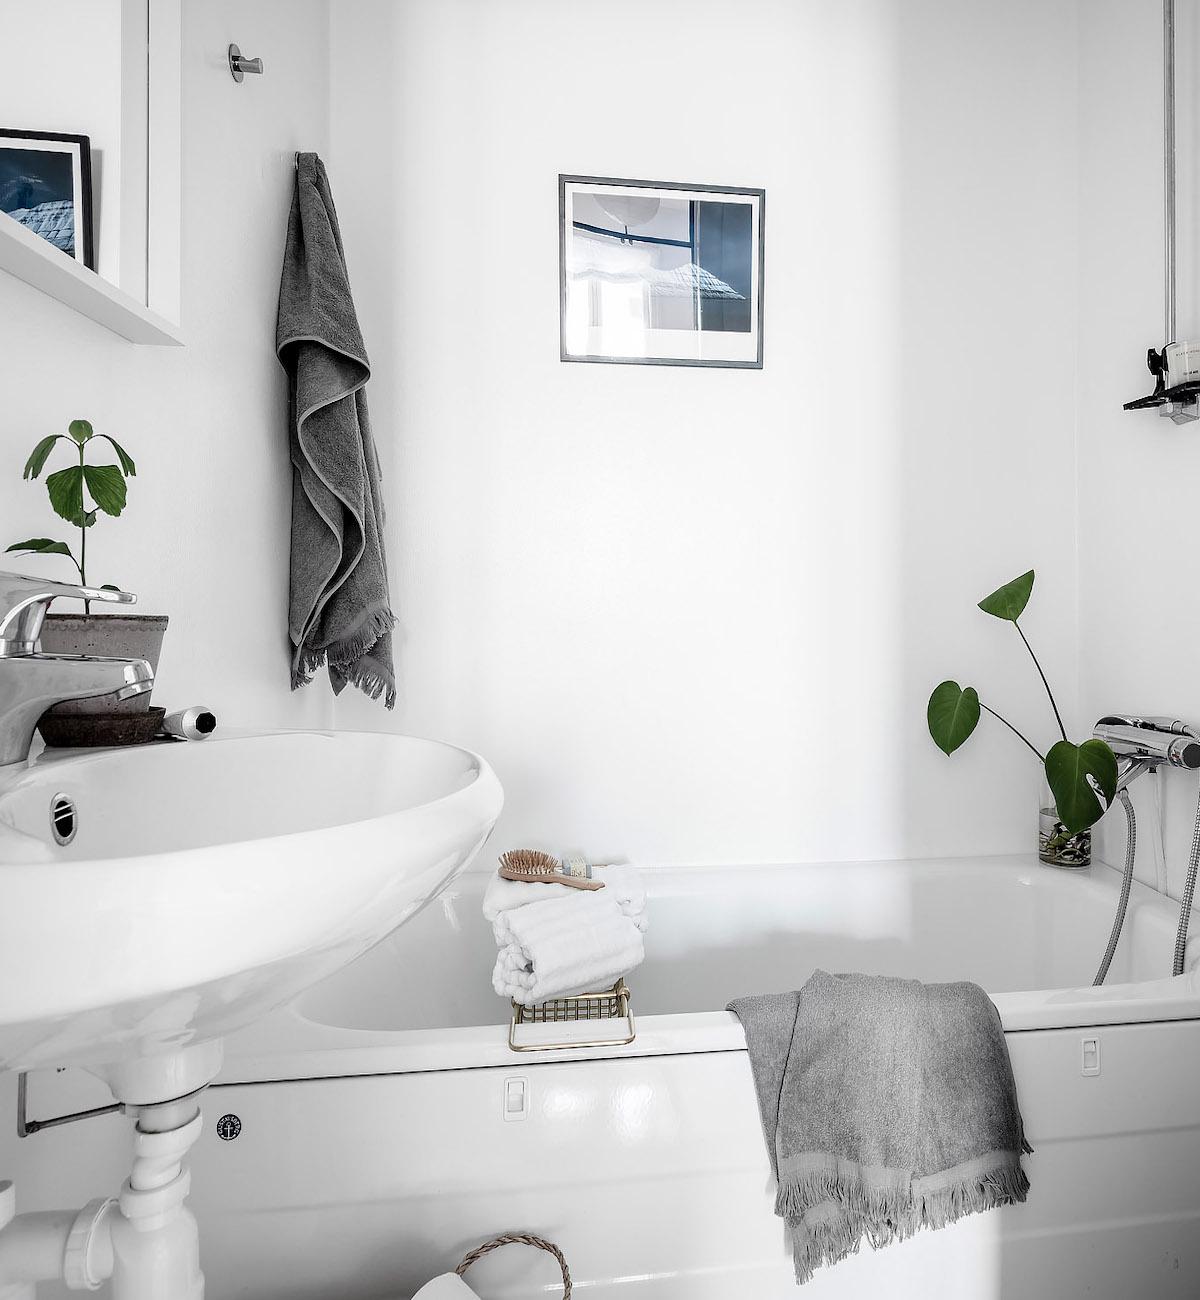 papier peint salle de bain blanche serviette grise baignoire lavabo - blog déco - clem around the corner